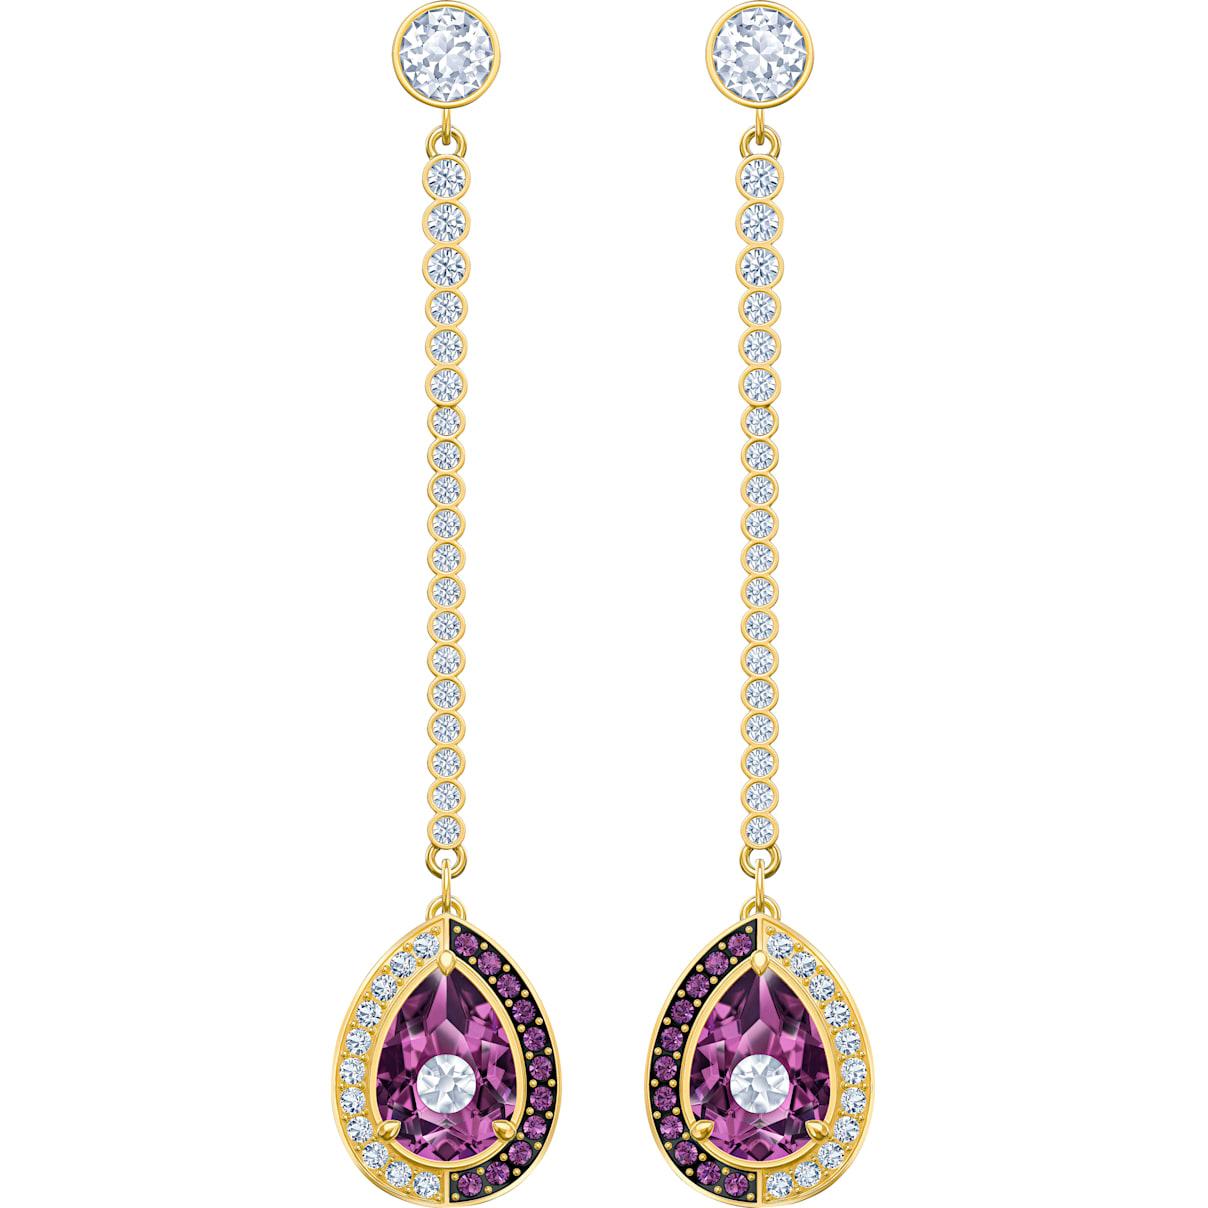 Swarovski Black Baroque Drop Pierced Earrings, Purple, Gold-tone plated